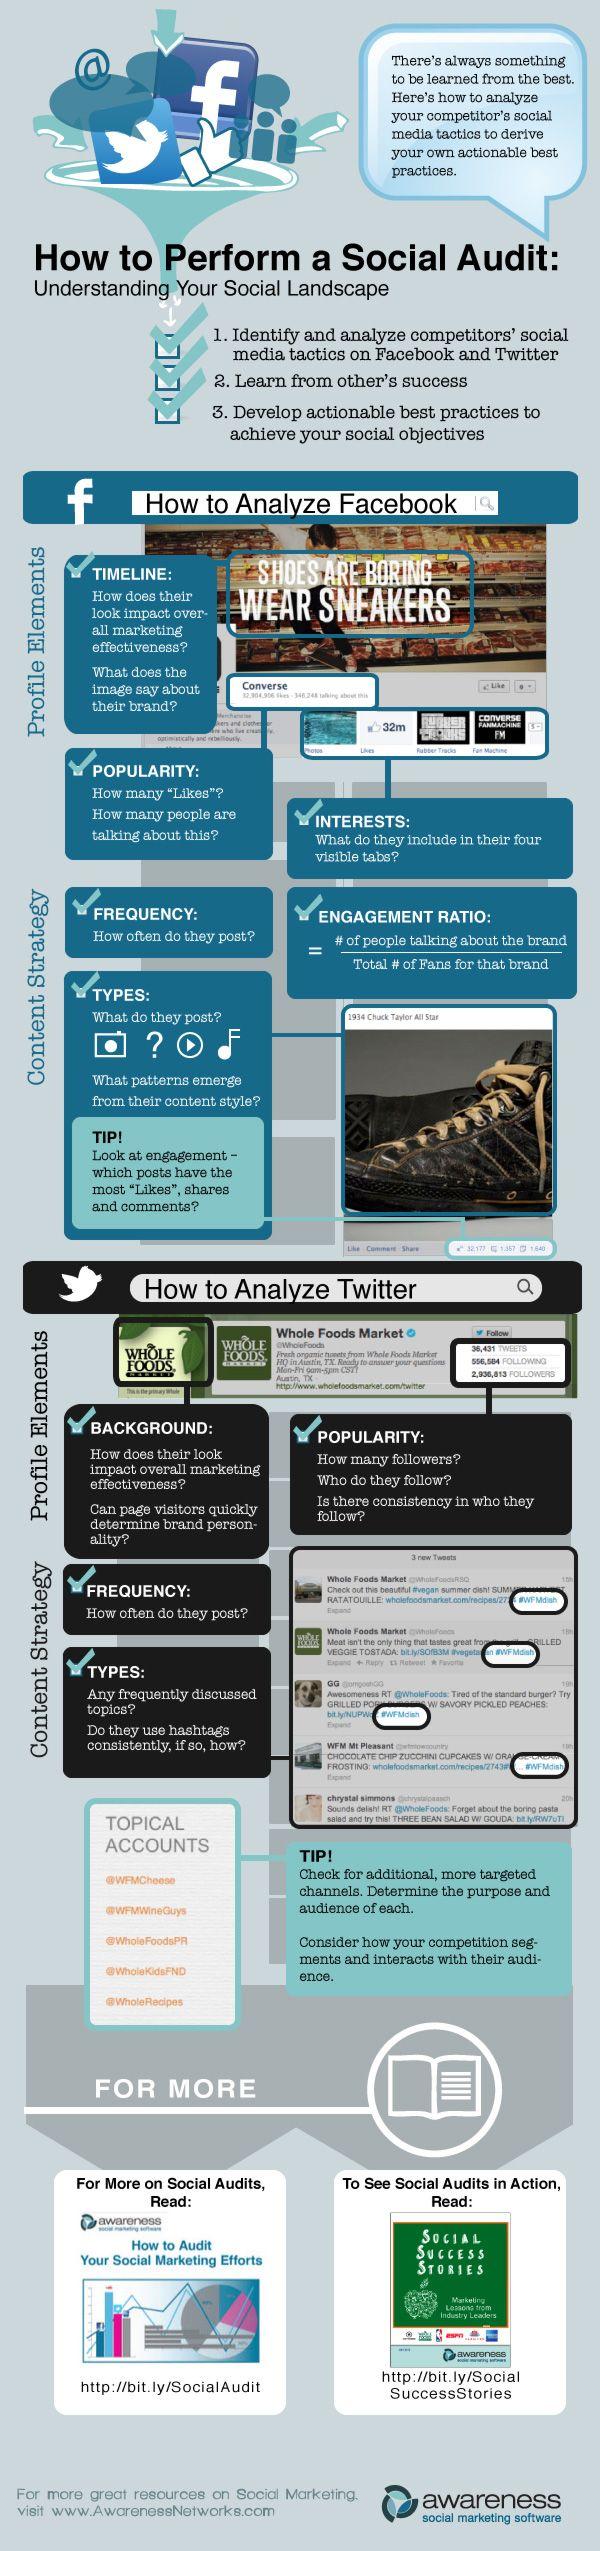 Social Audit als Ausgangspunkt für eine Social-Media-Strategie #infographic